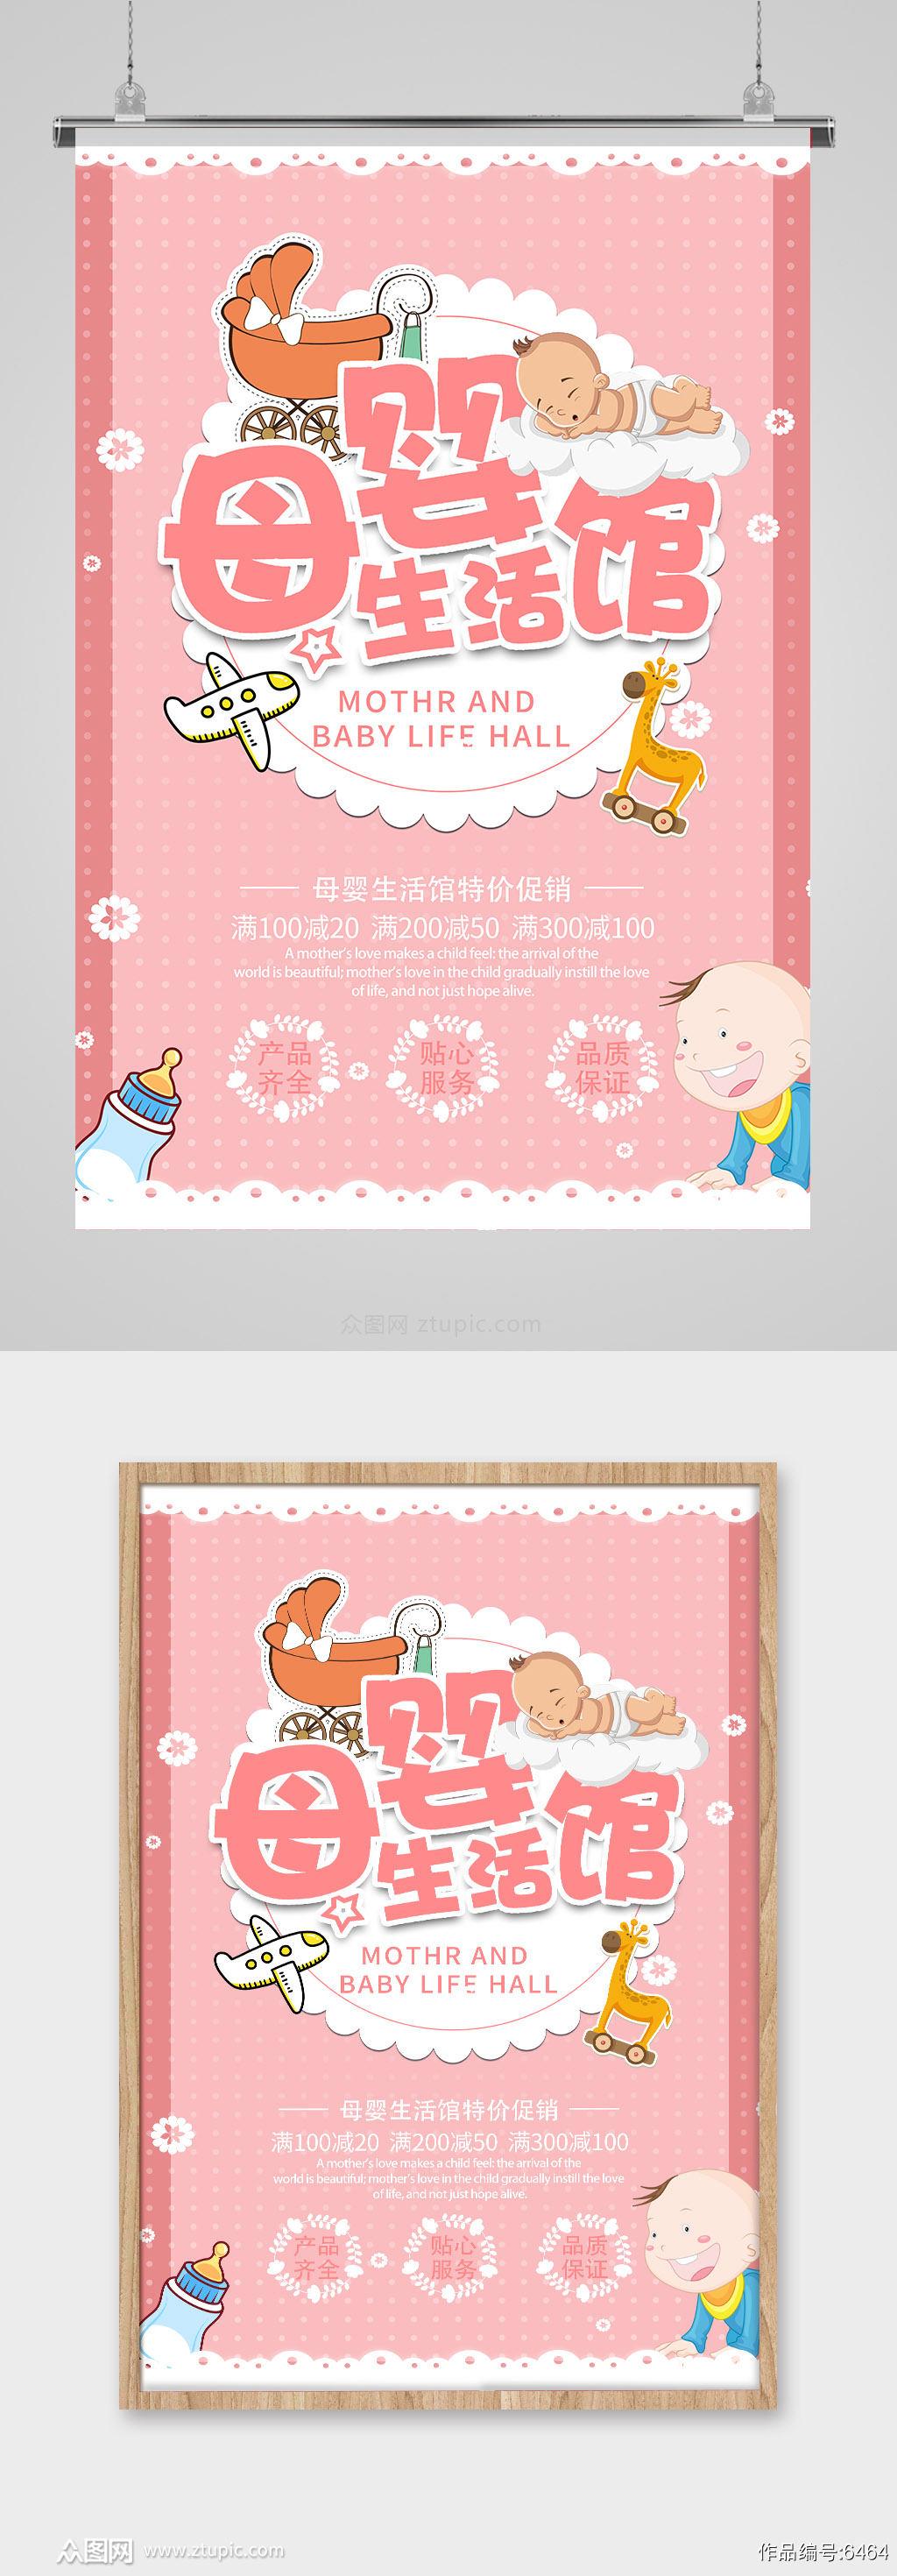 简约卡通粉色母婴用品海报素材